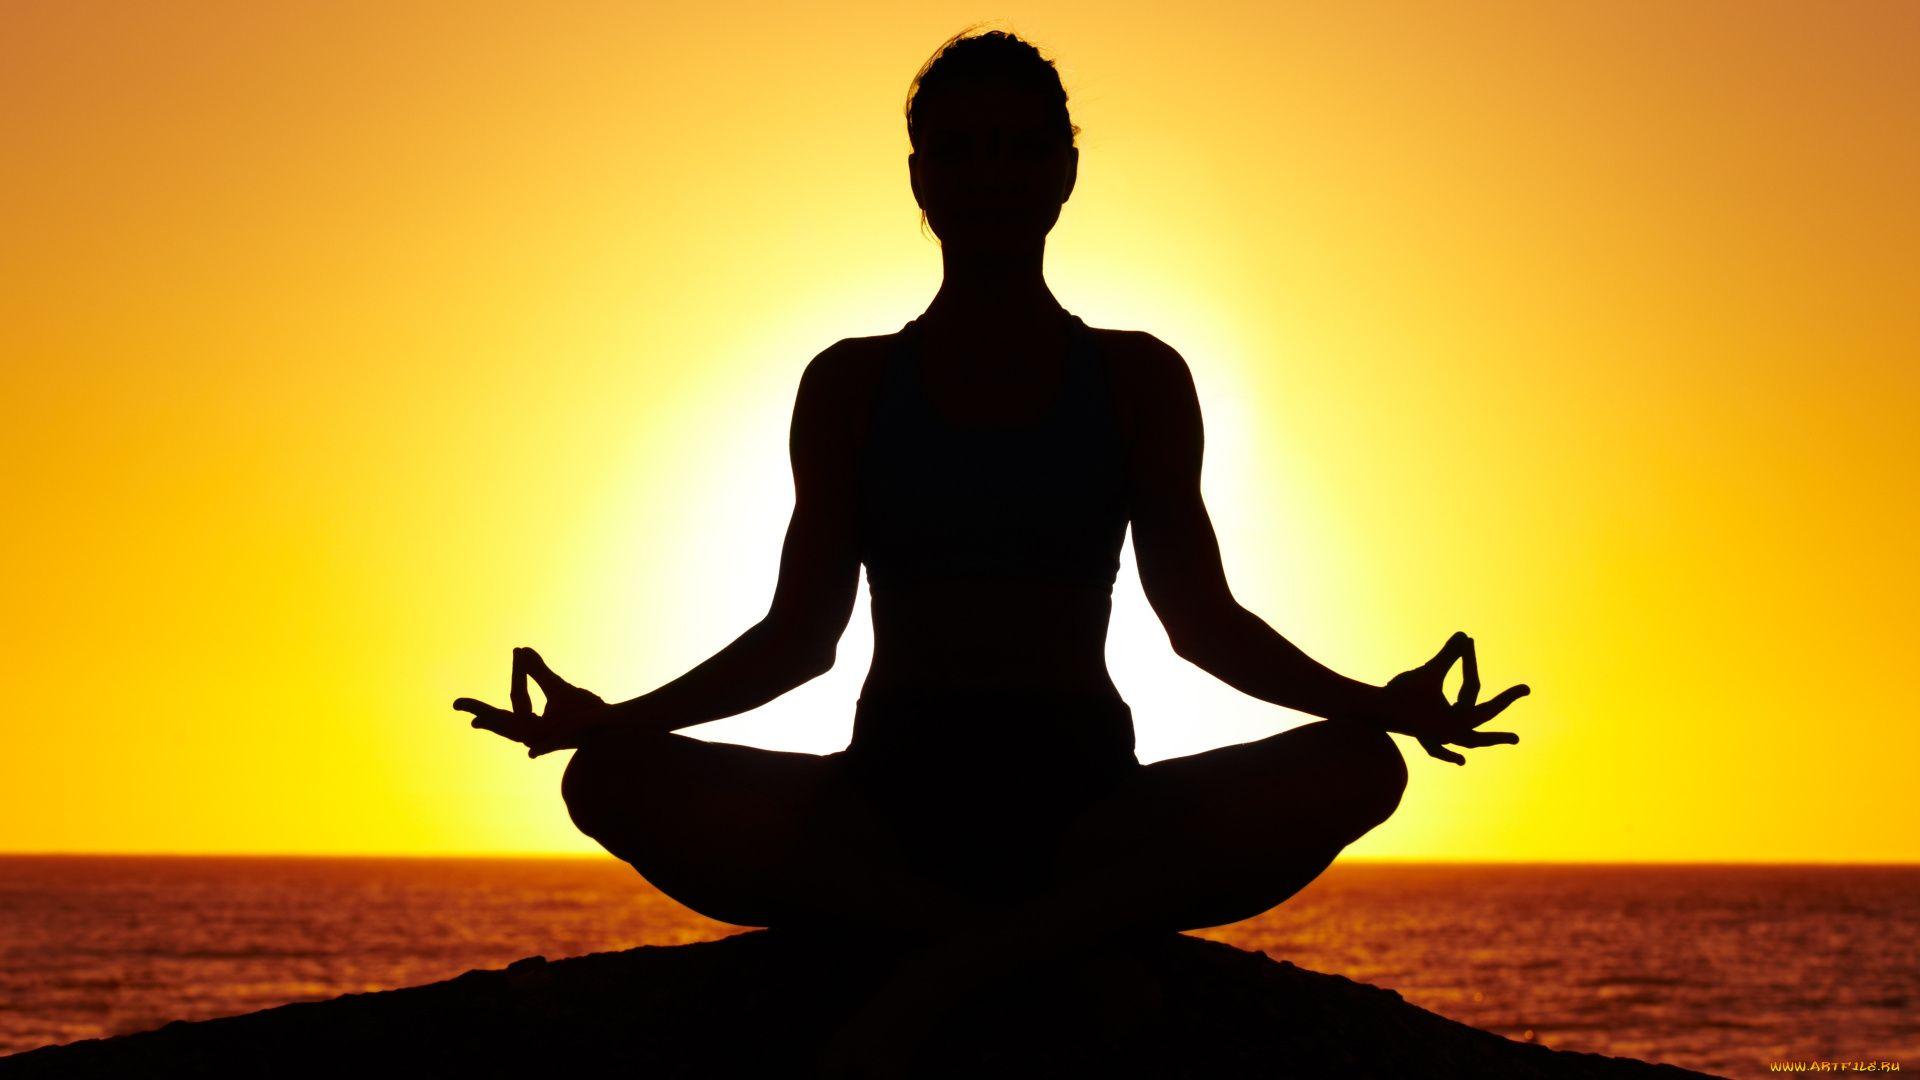 Meditation download wallpaper image